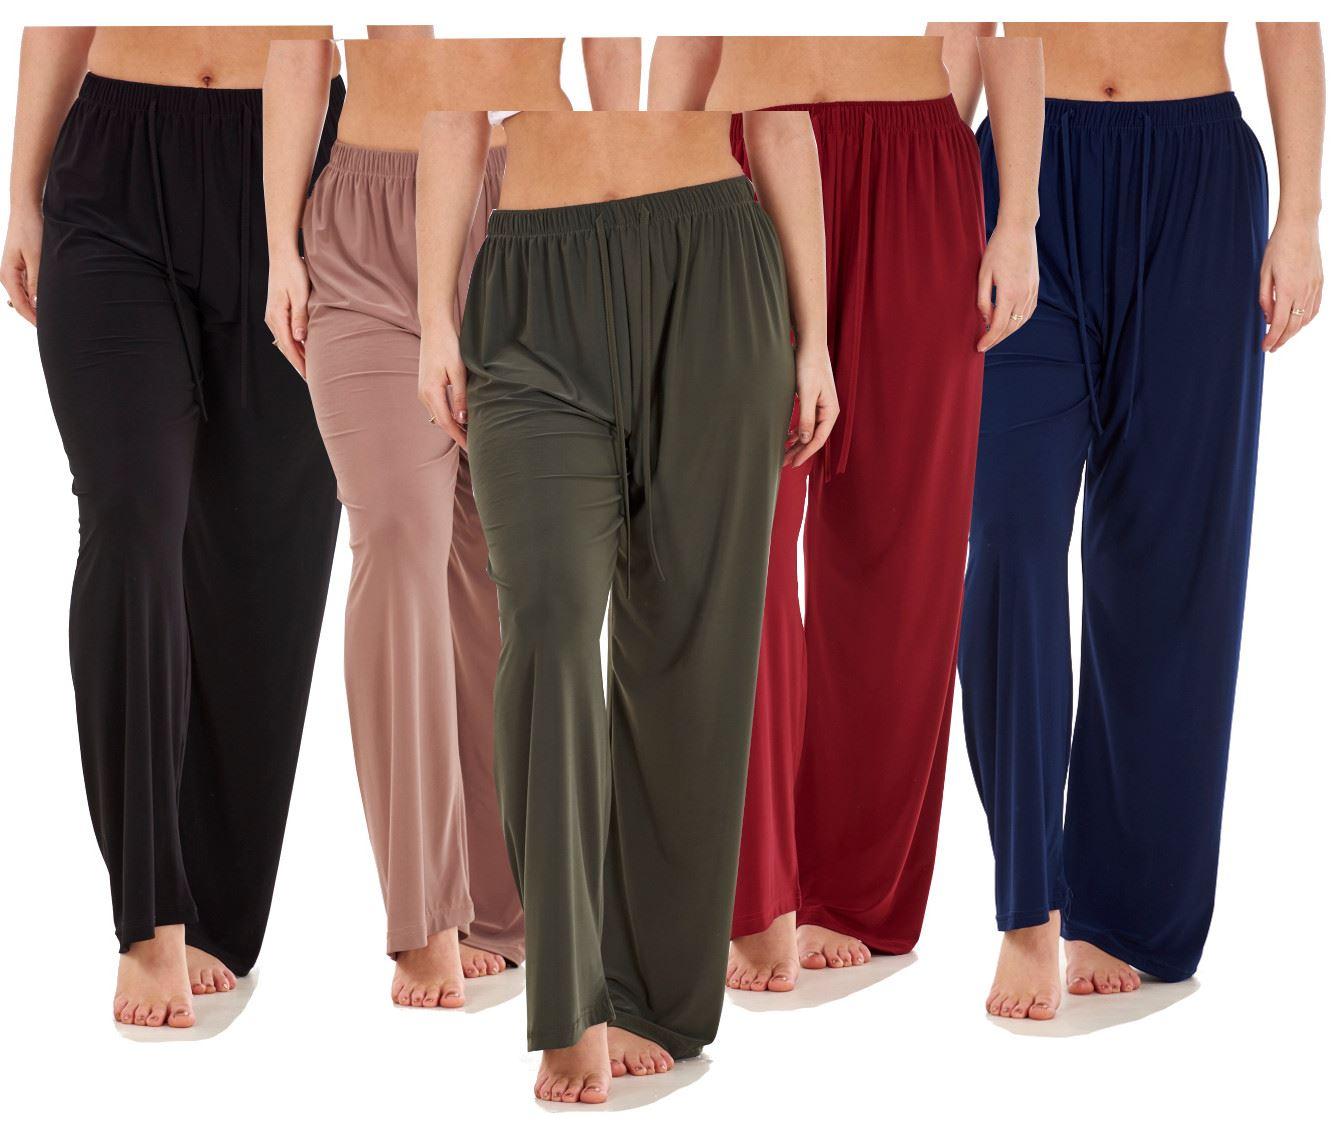 NUOVO DONNA WOMEN/'S ITY JERSEY Gamba Larga Pantaloni Casual UK S//M M//L XL 2XL 3XL